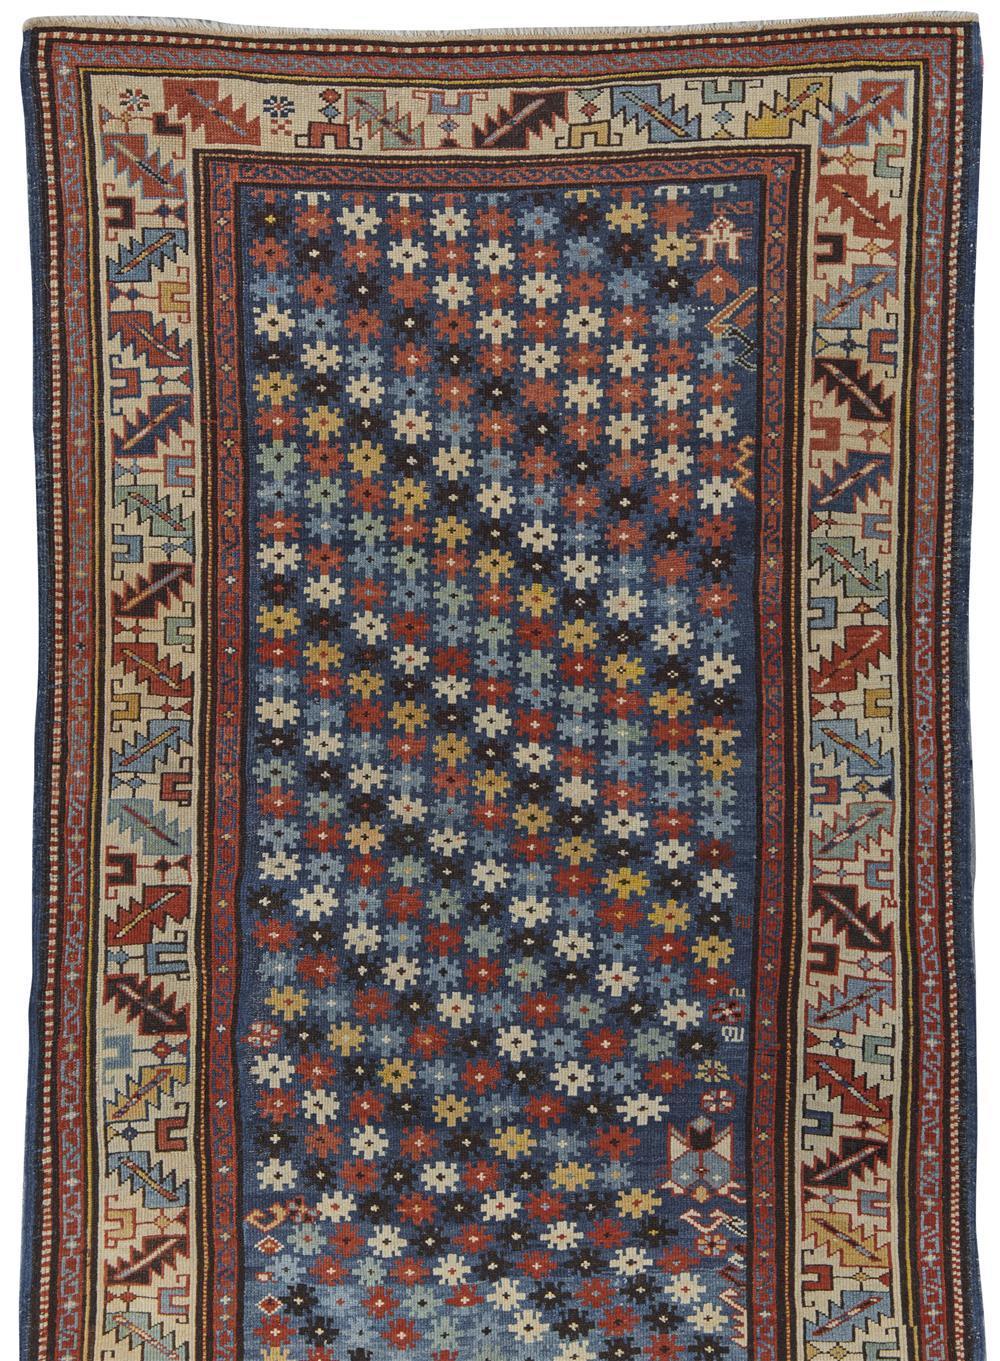 Kuba Rug, Caucasus, last quarter 19th century; 5 ft. 11 in. x 3 ft. 6 in.